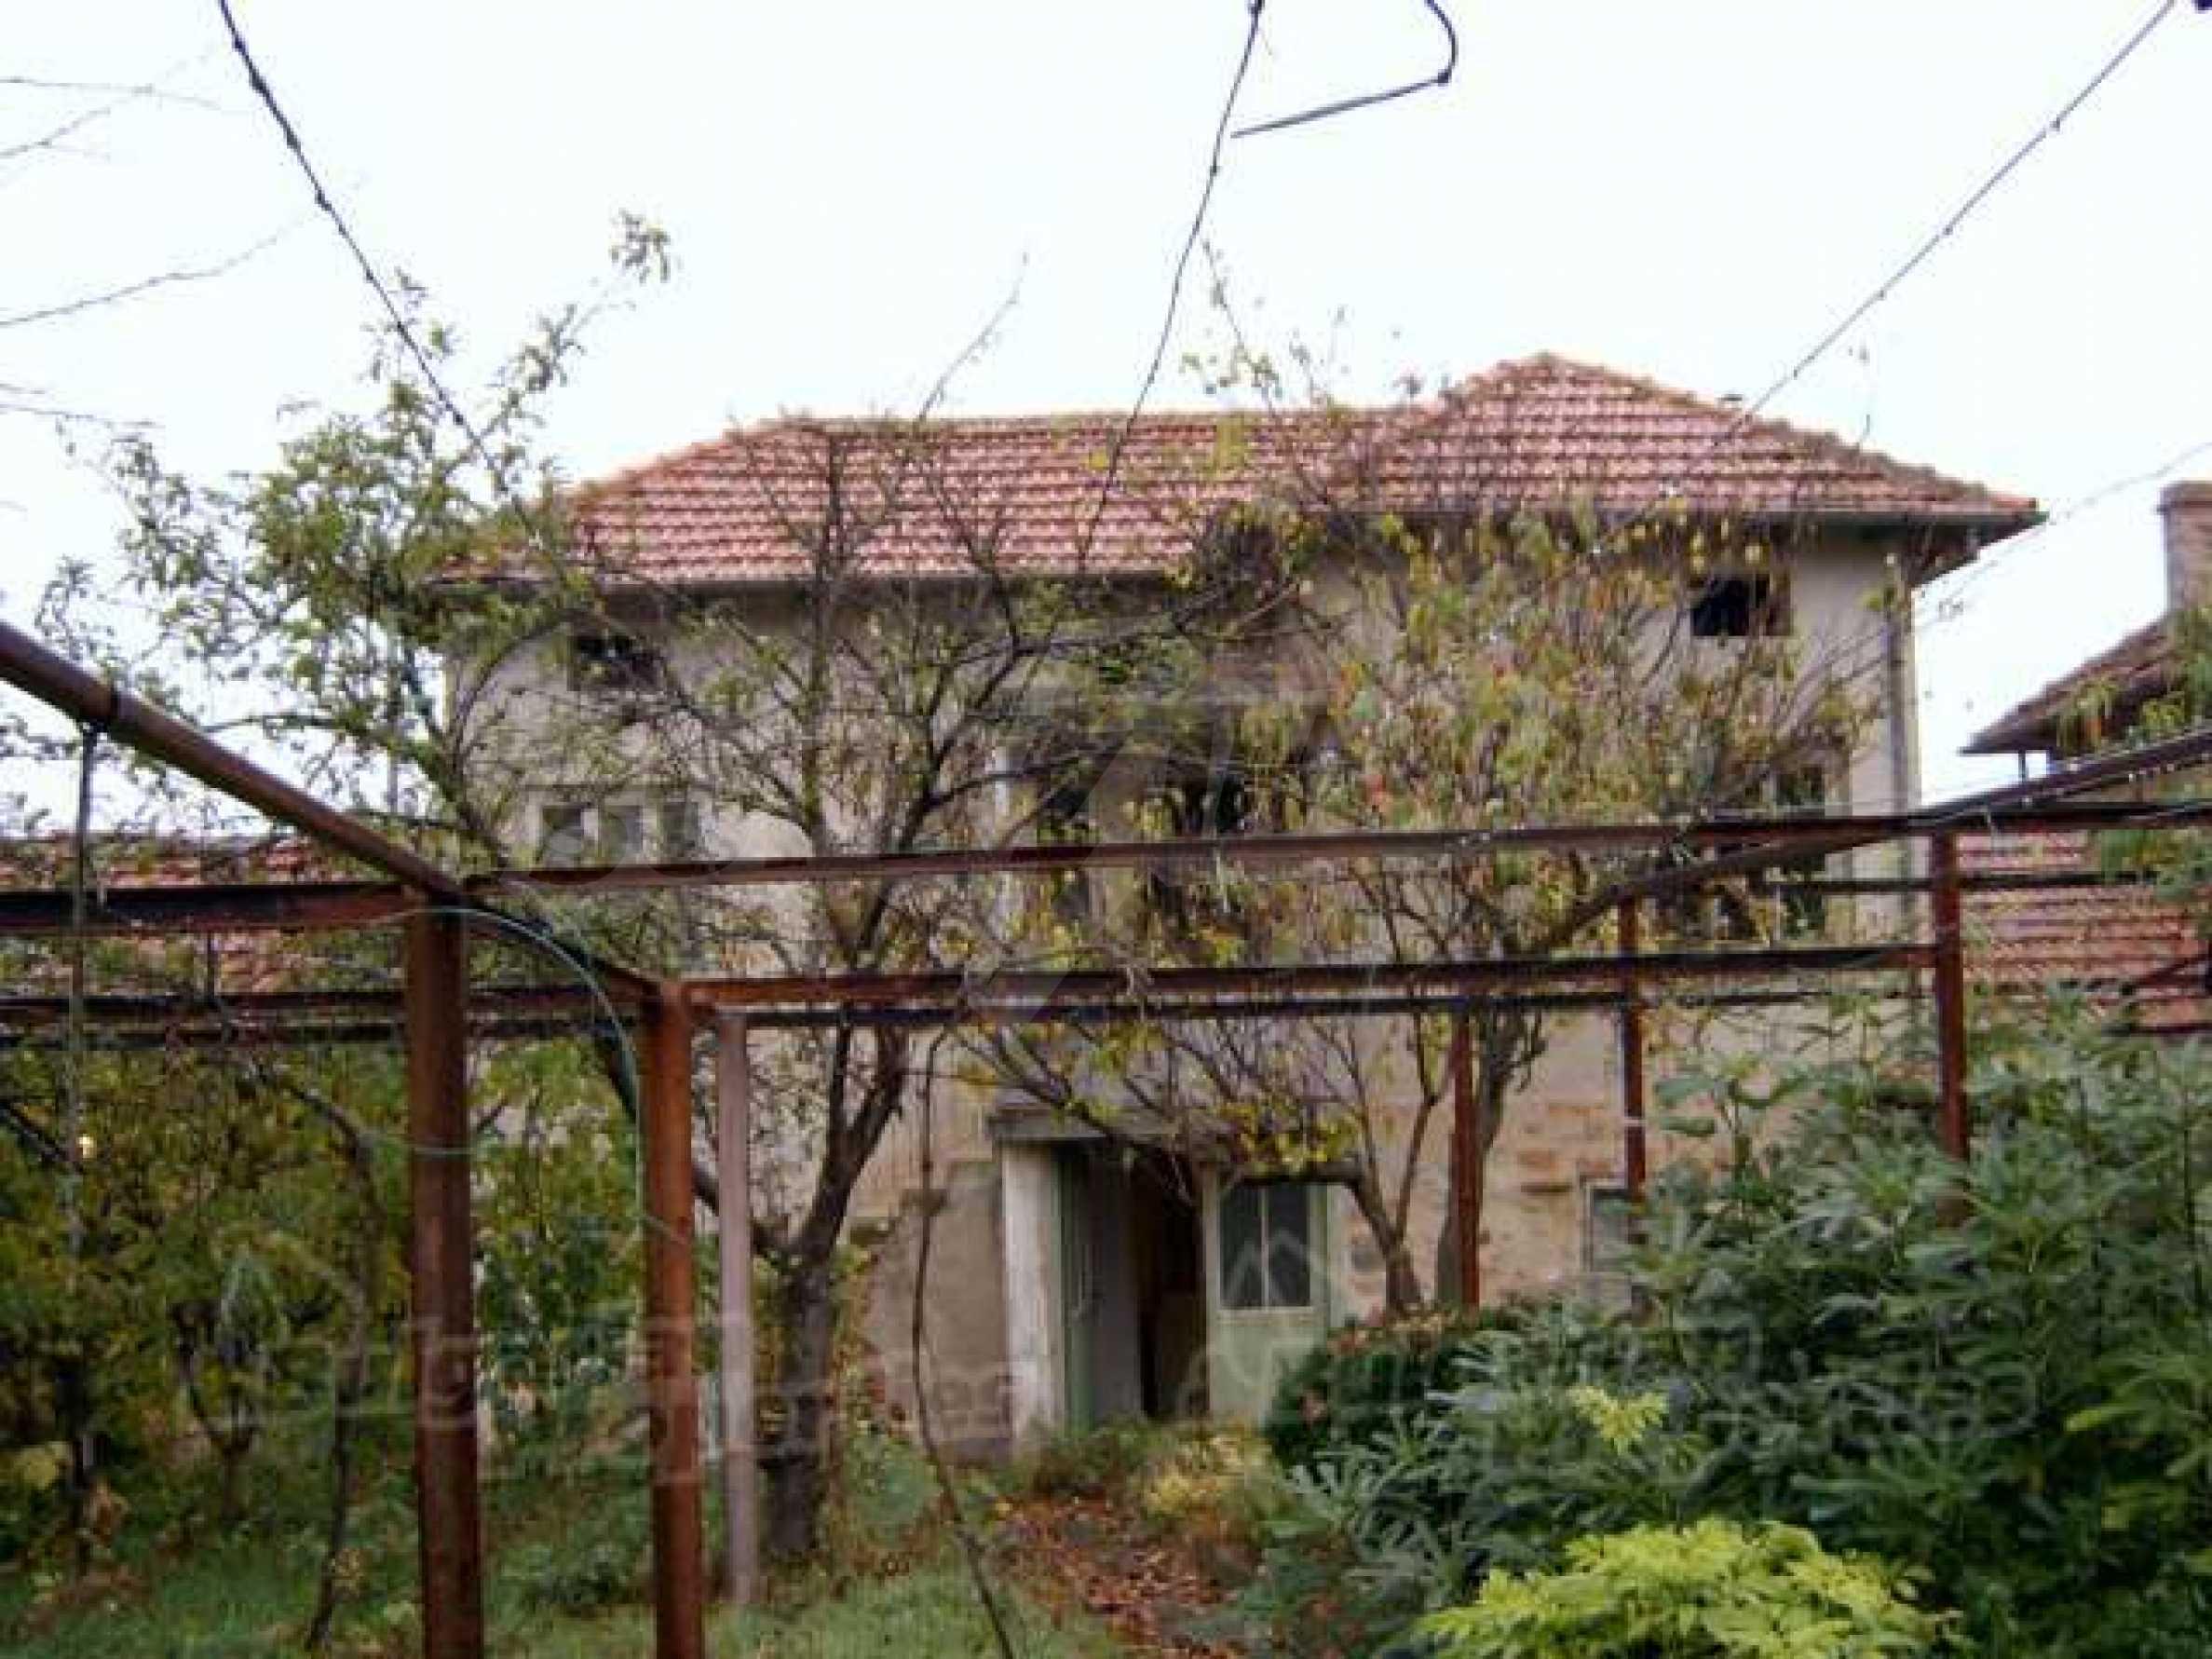 Zweistöckiges Haus in einem Dorf 10 km. von einem großen Damm